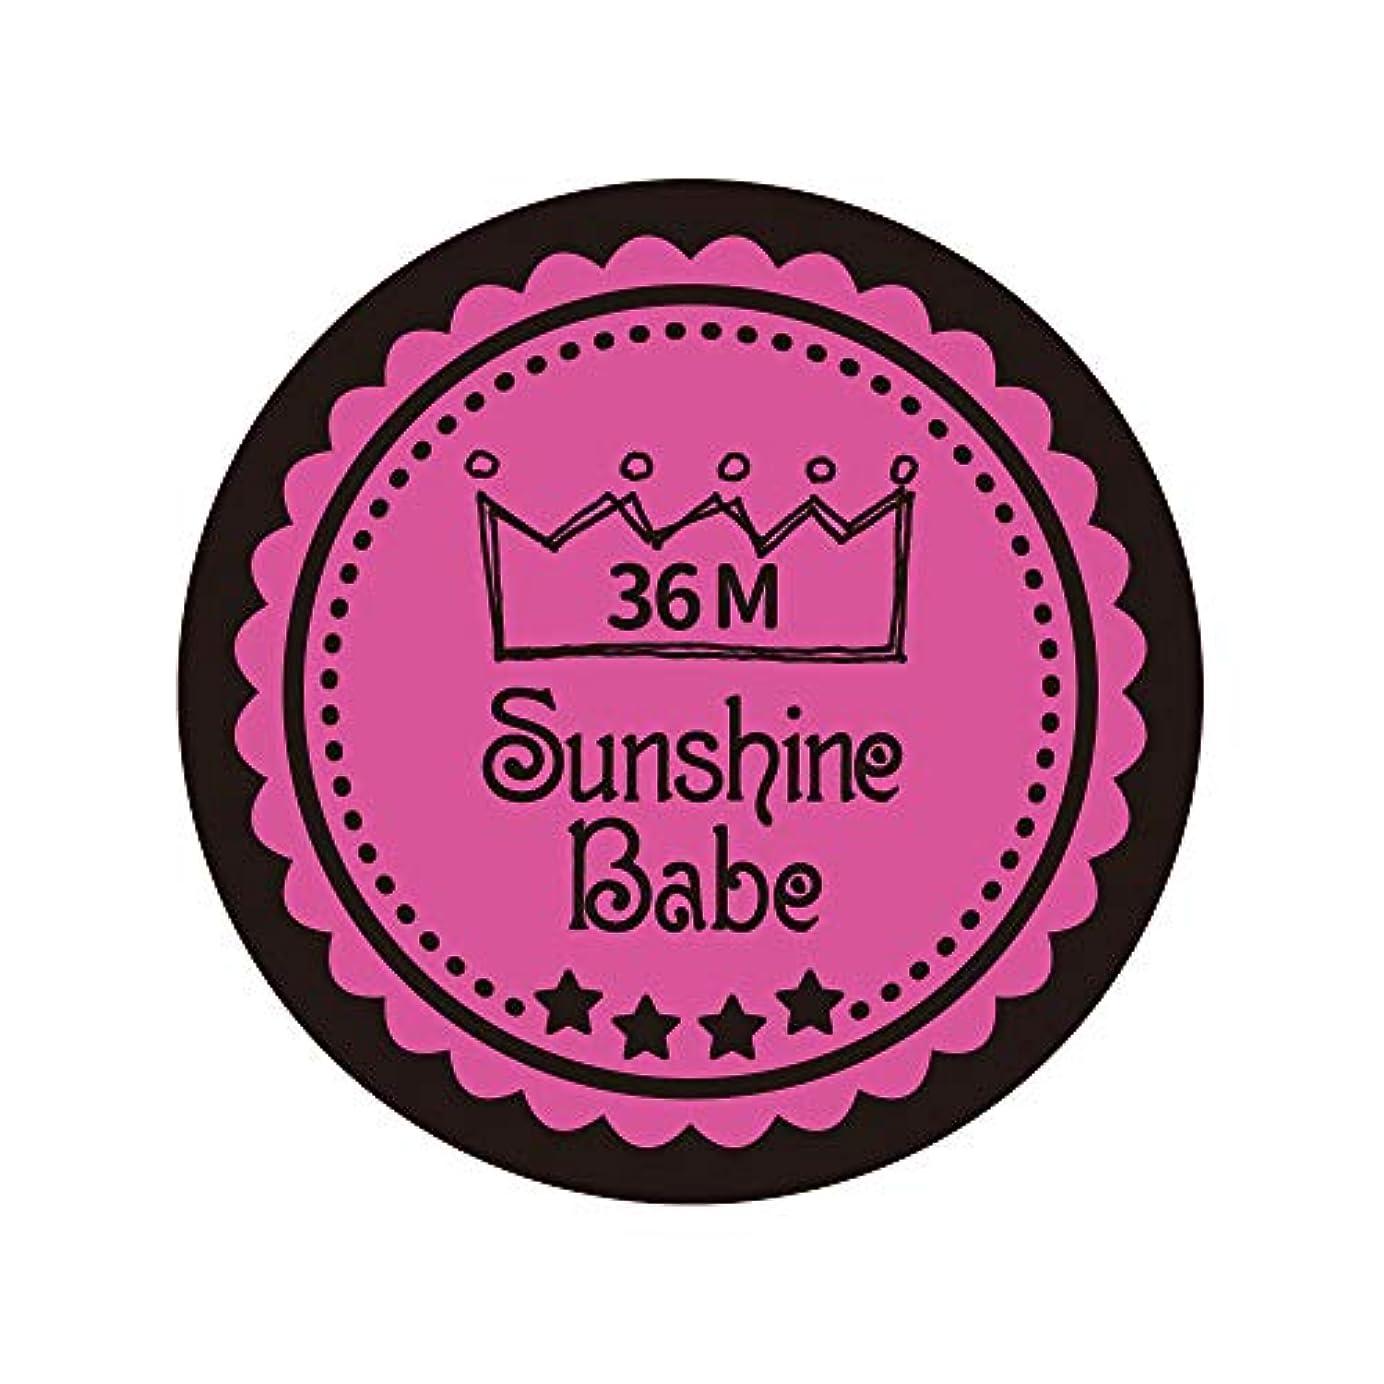 Sunshine Babe カラージェル 36M クロッカスピンク 2.7g UV/LED対応